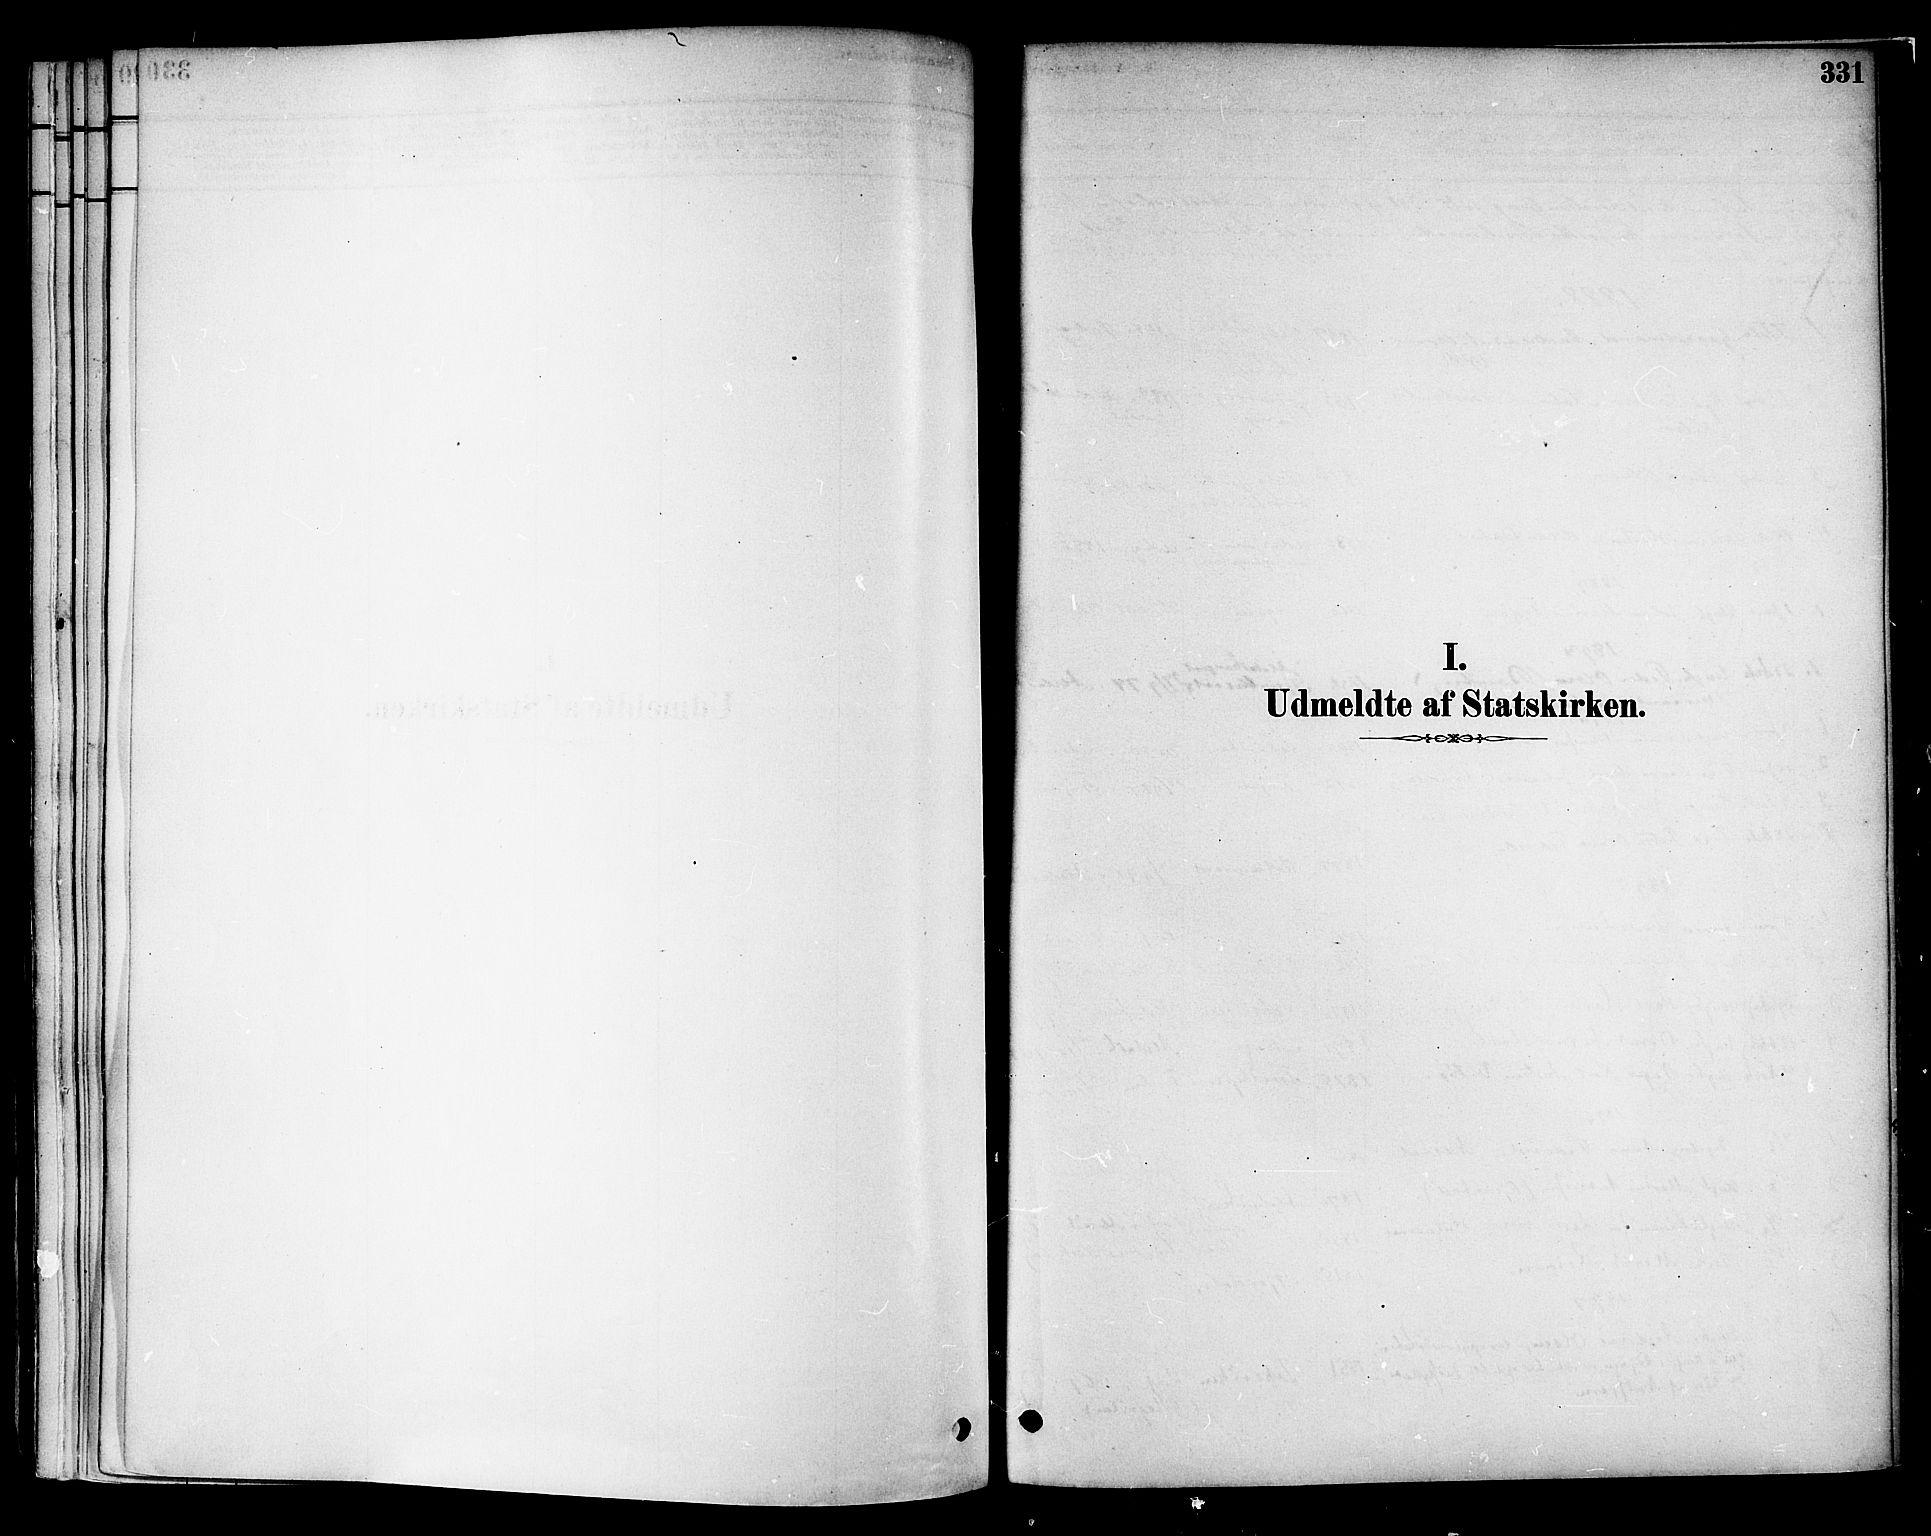 SAT, Ministerialprotokoller, klokkerbøker og fødselsregistre - Nord-Trøndelag, 717/L0159: Ministerialbok nr. 717A09, 1878-1898, s. 331